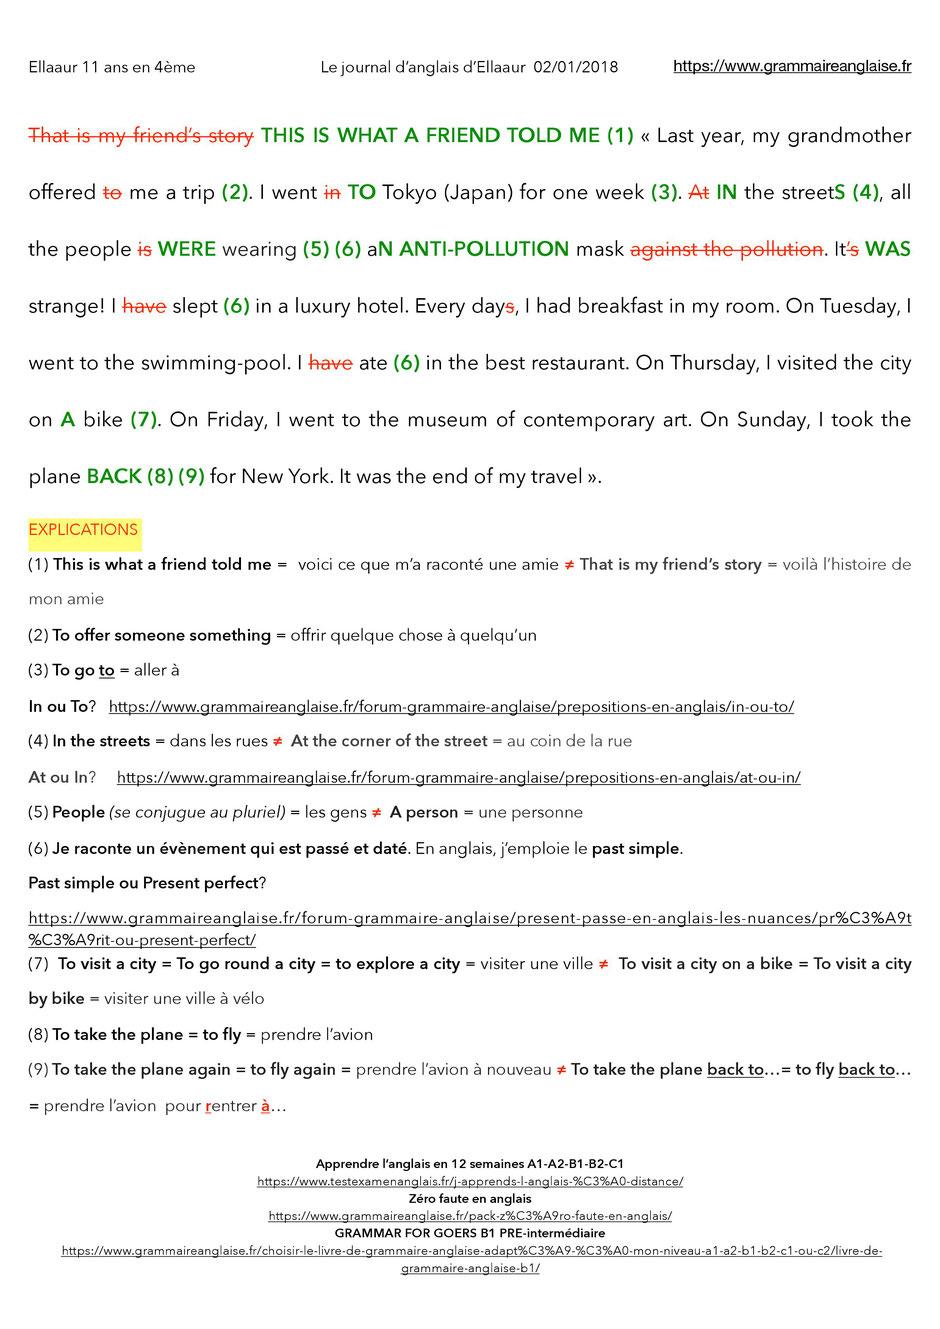 Très Journal d'anglais d'Ellaaur- 11 ans en 4ème - Grammaire anglaise  CK84